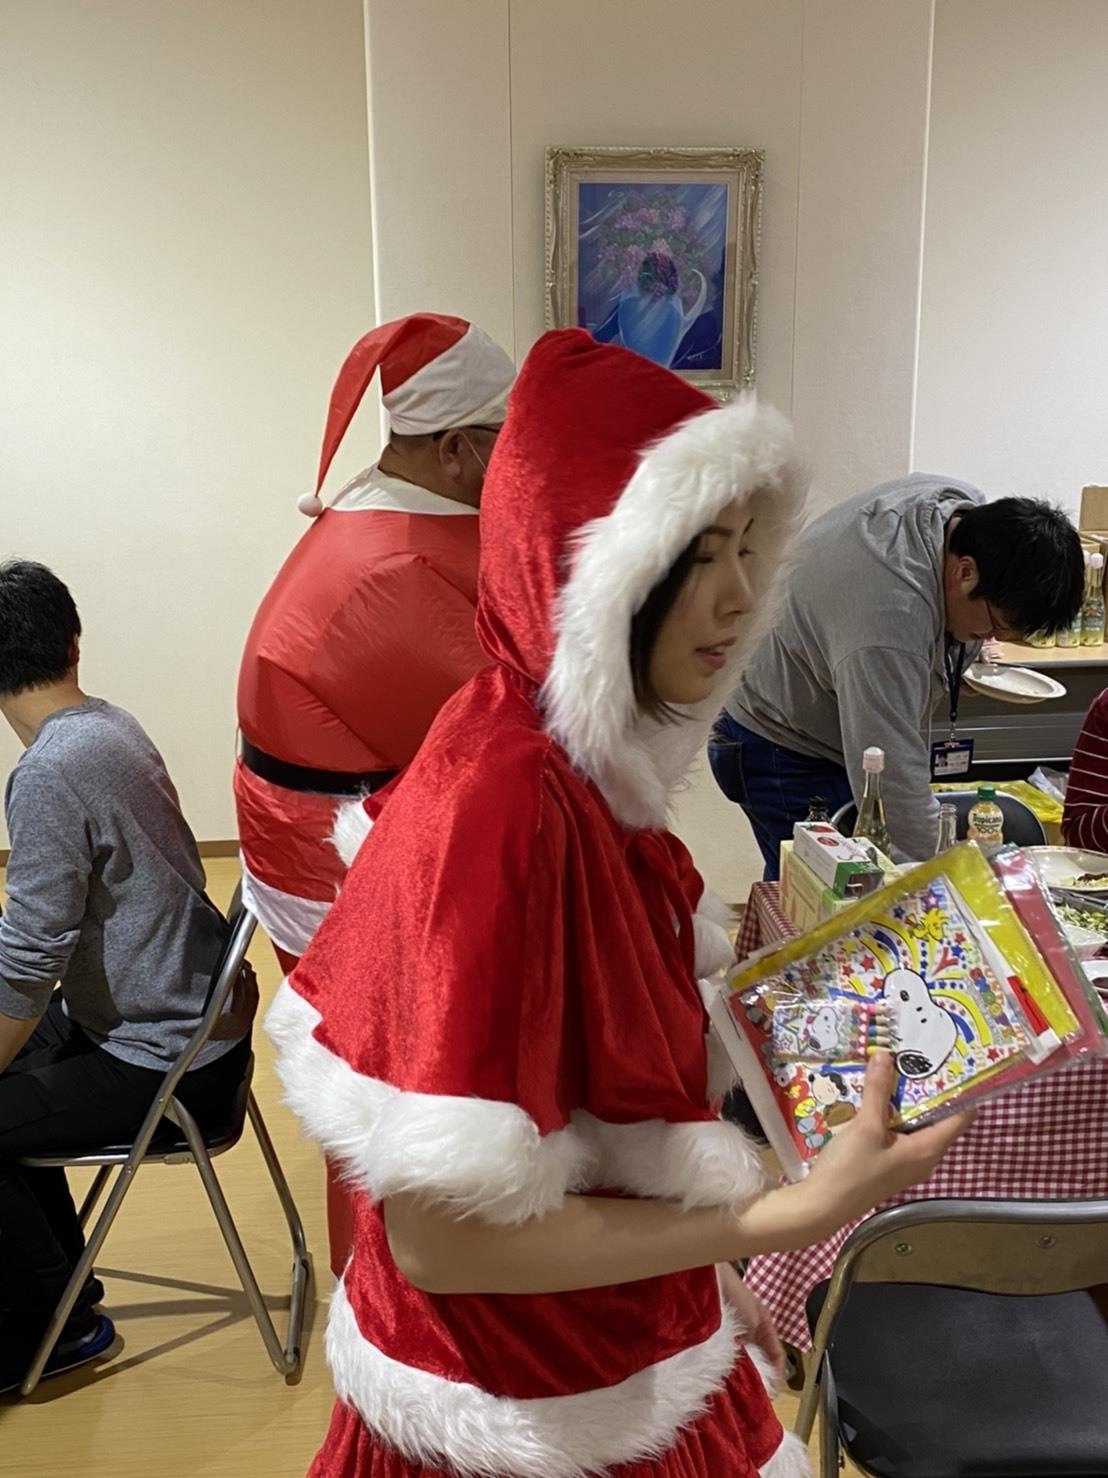 メリークリスマス(^^♪TOMMYサンタも出動!!!G社様 納車(^^)/ エスカレード、ハマー、ハイエース_b0127002_18142627.jpg